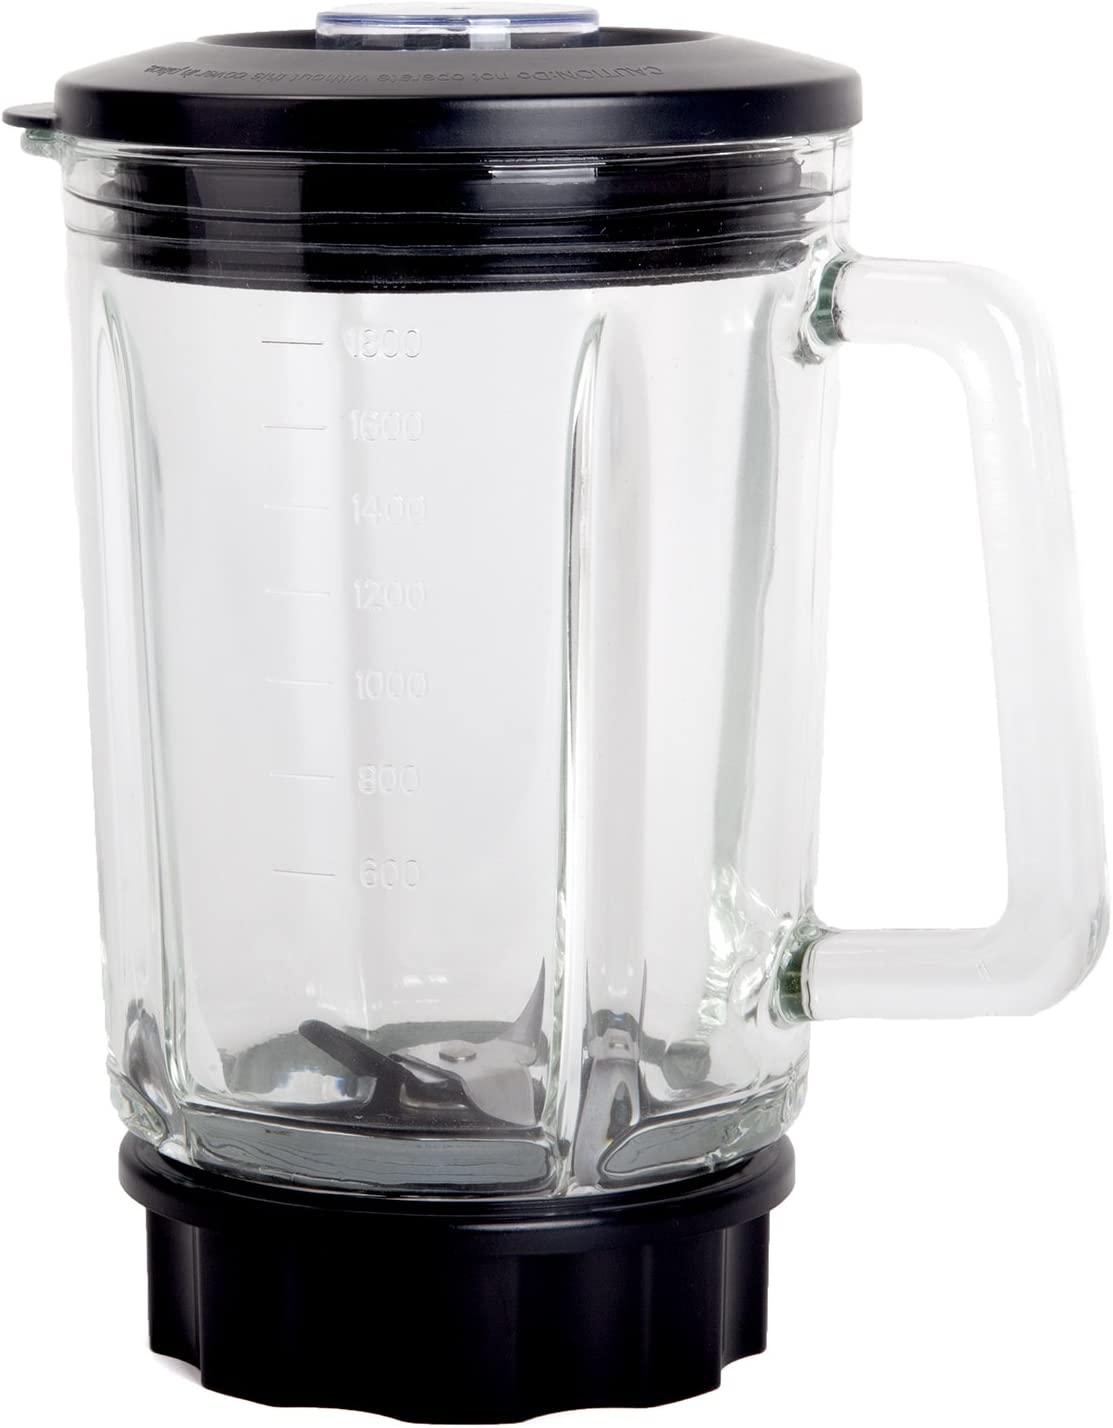 Duronic BL1200 JUG Vaso de cristal para la Batidora de Vaso Duronic BL1200 Únicamente